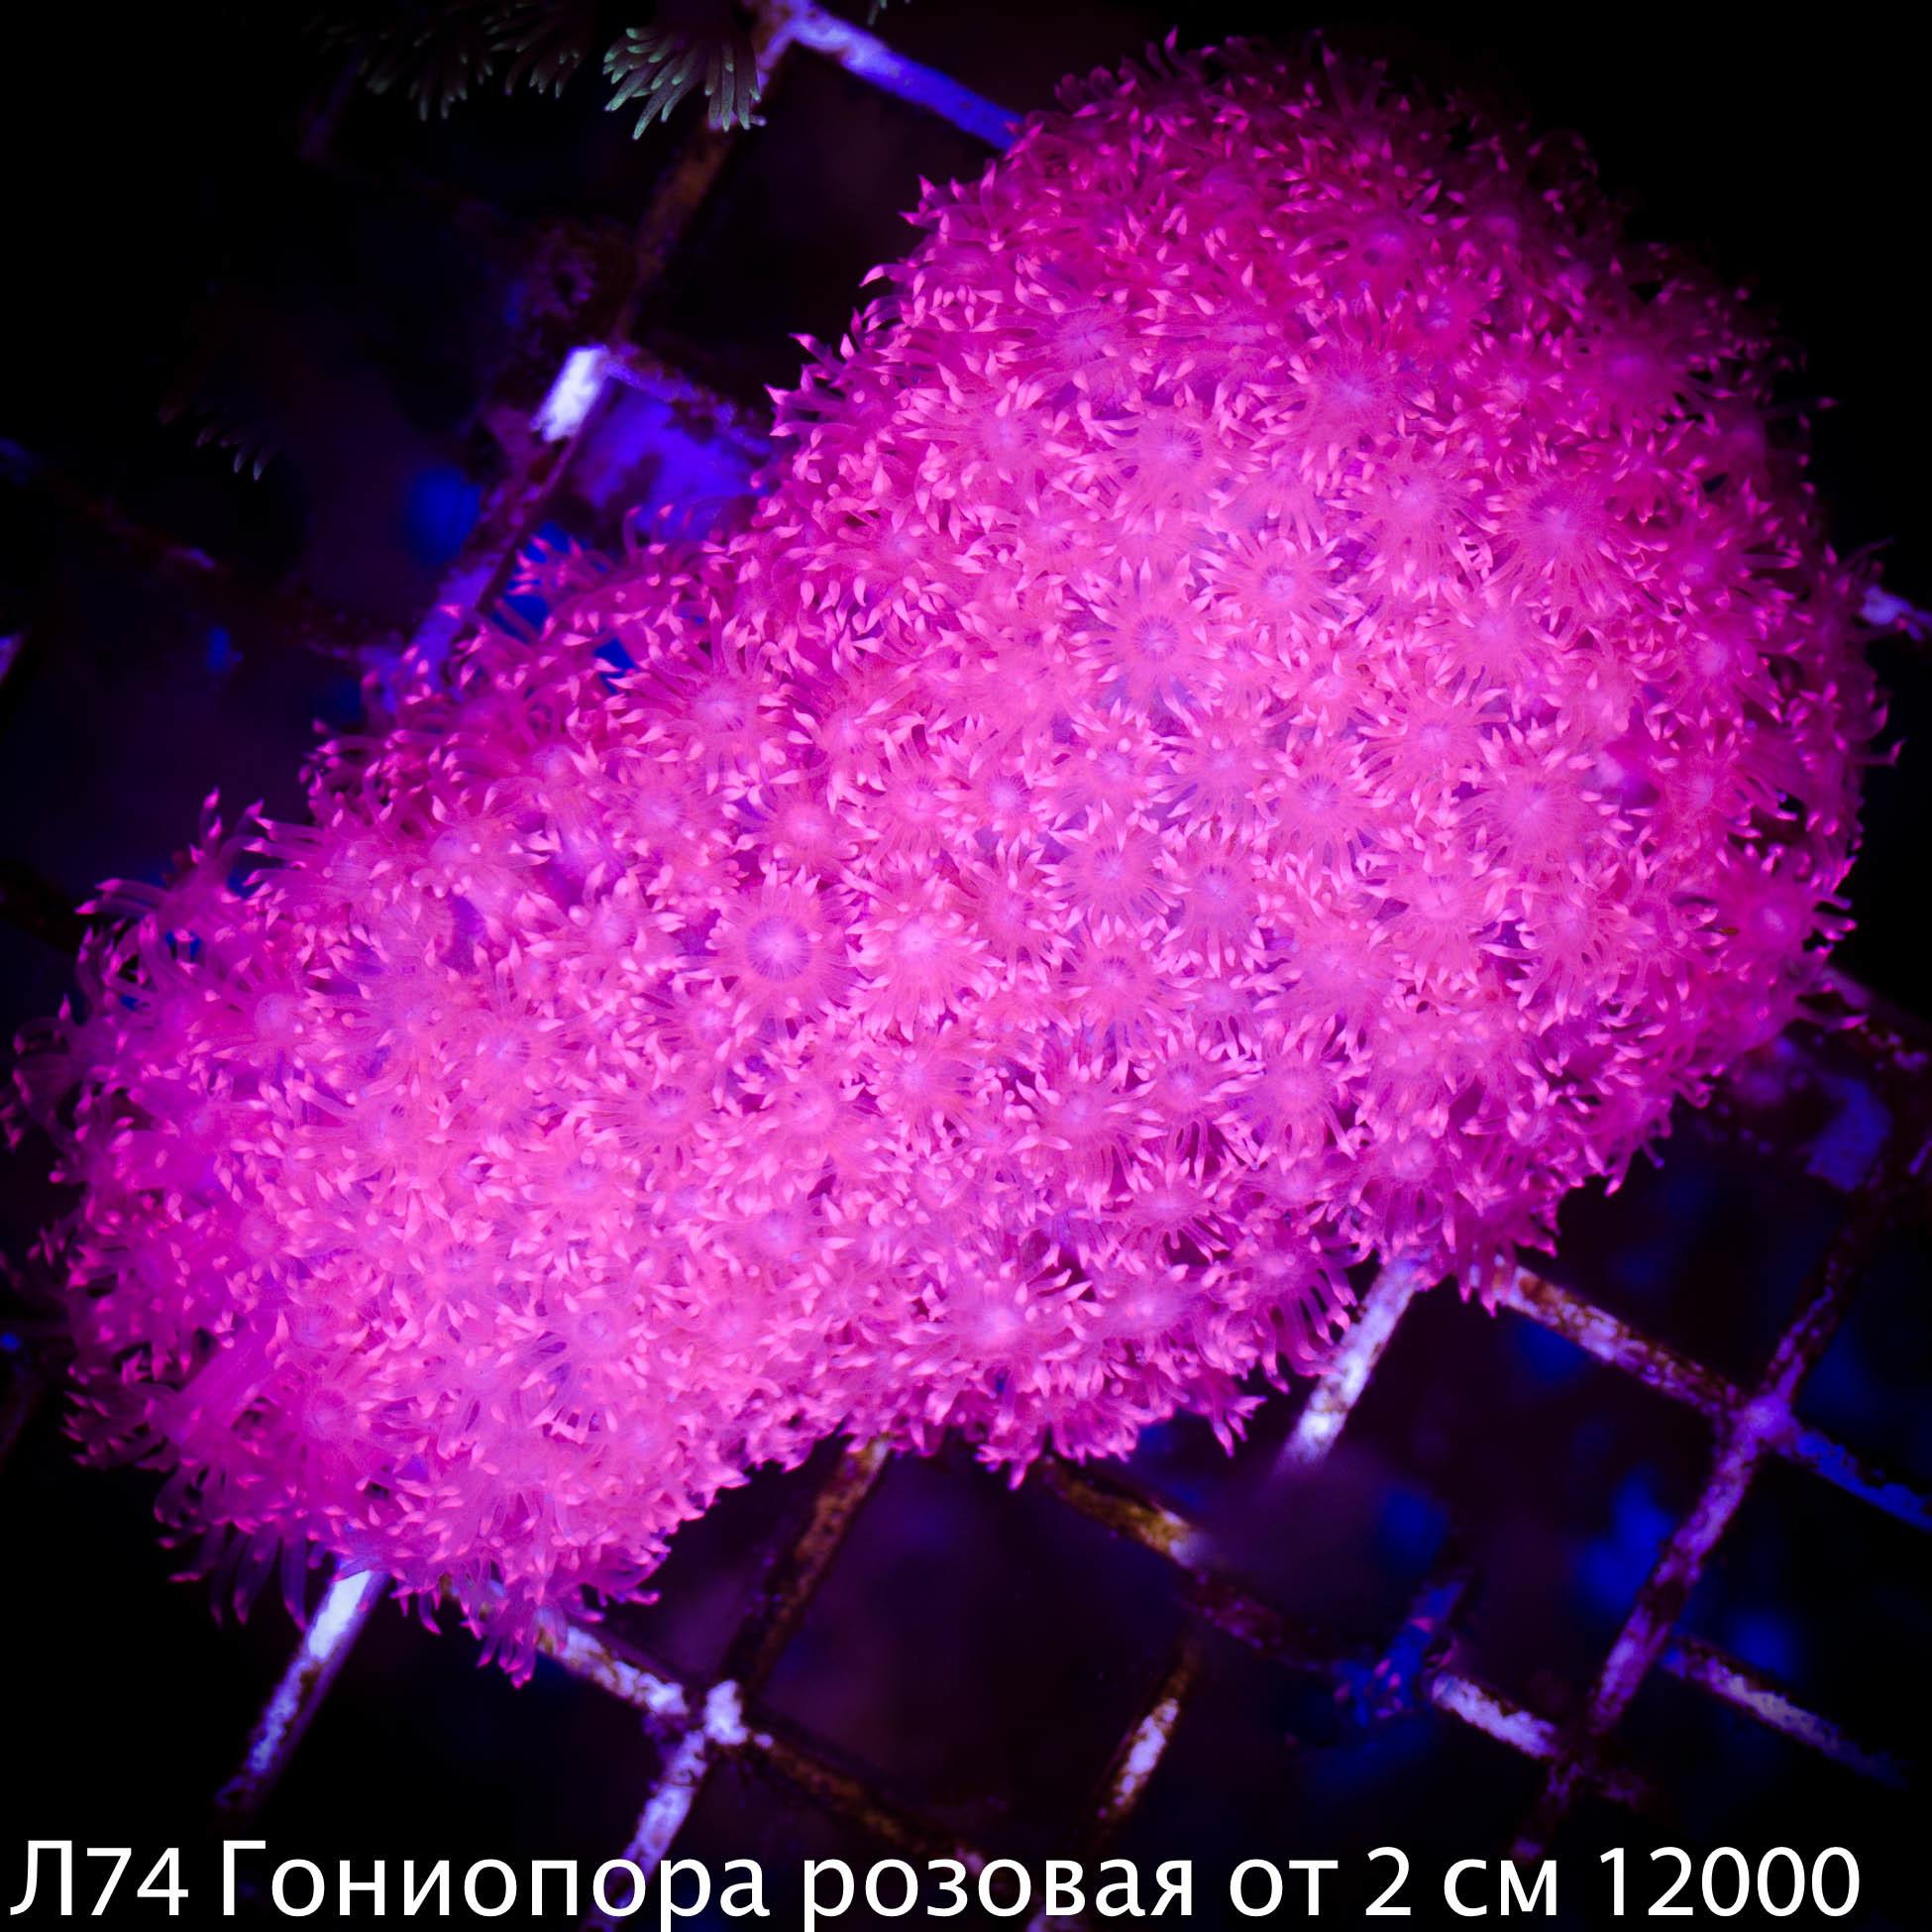 Л74 Гониопора розовая от 2 см 12000